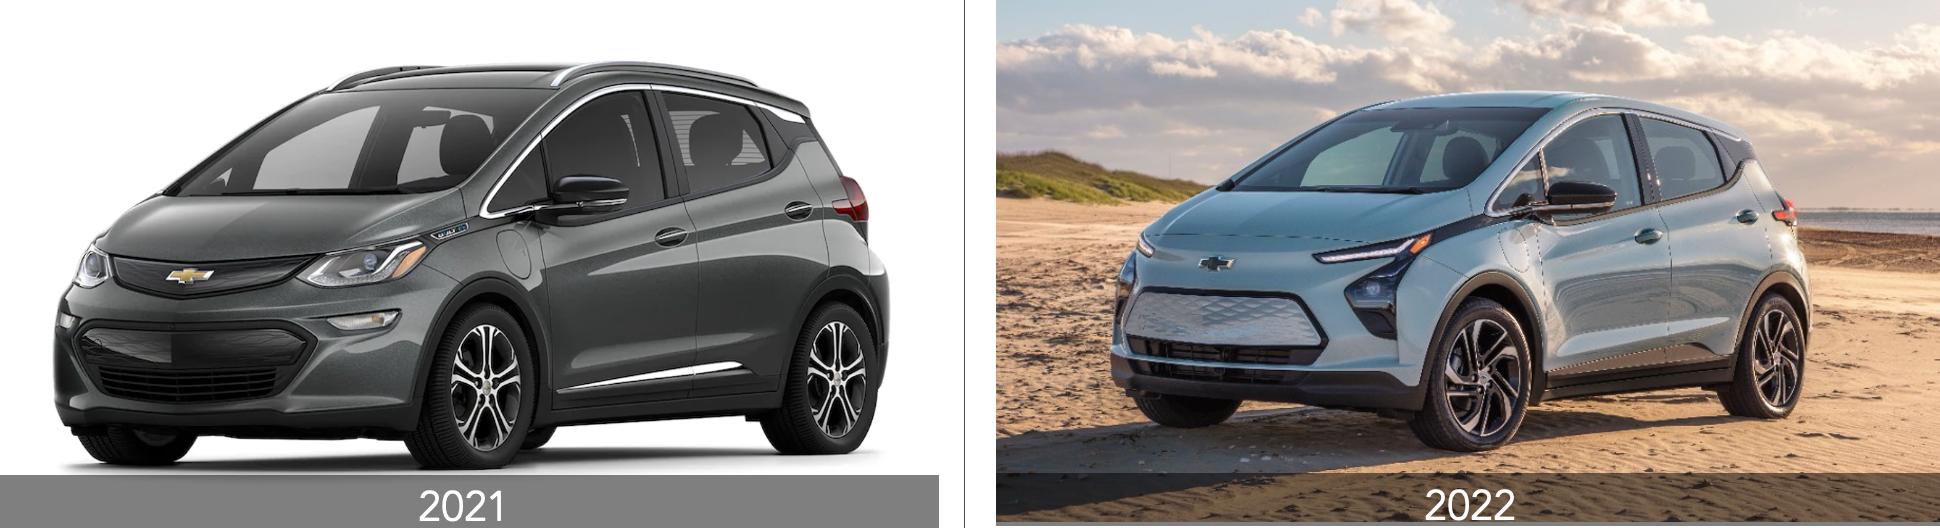 Chevrolet Bolt EV 2021 versus 2022